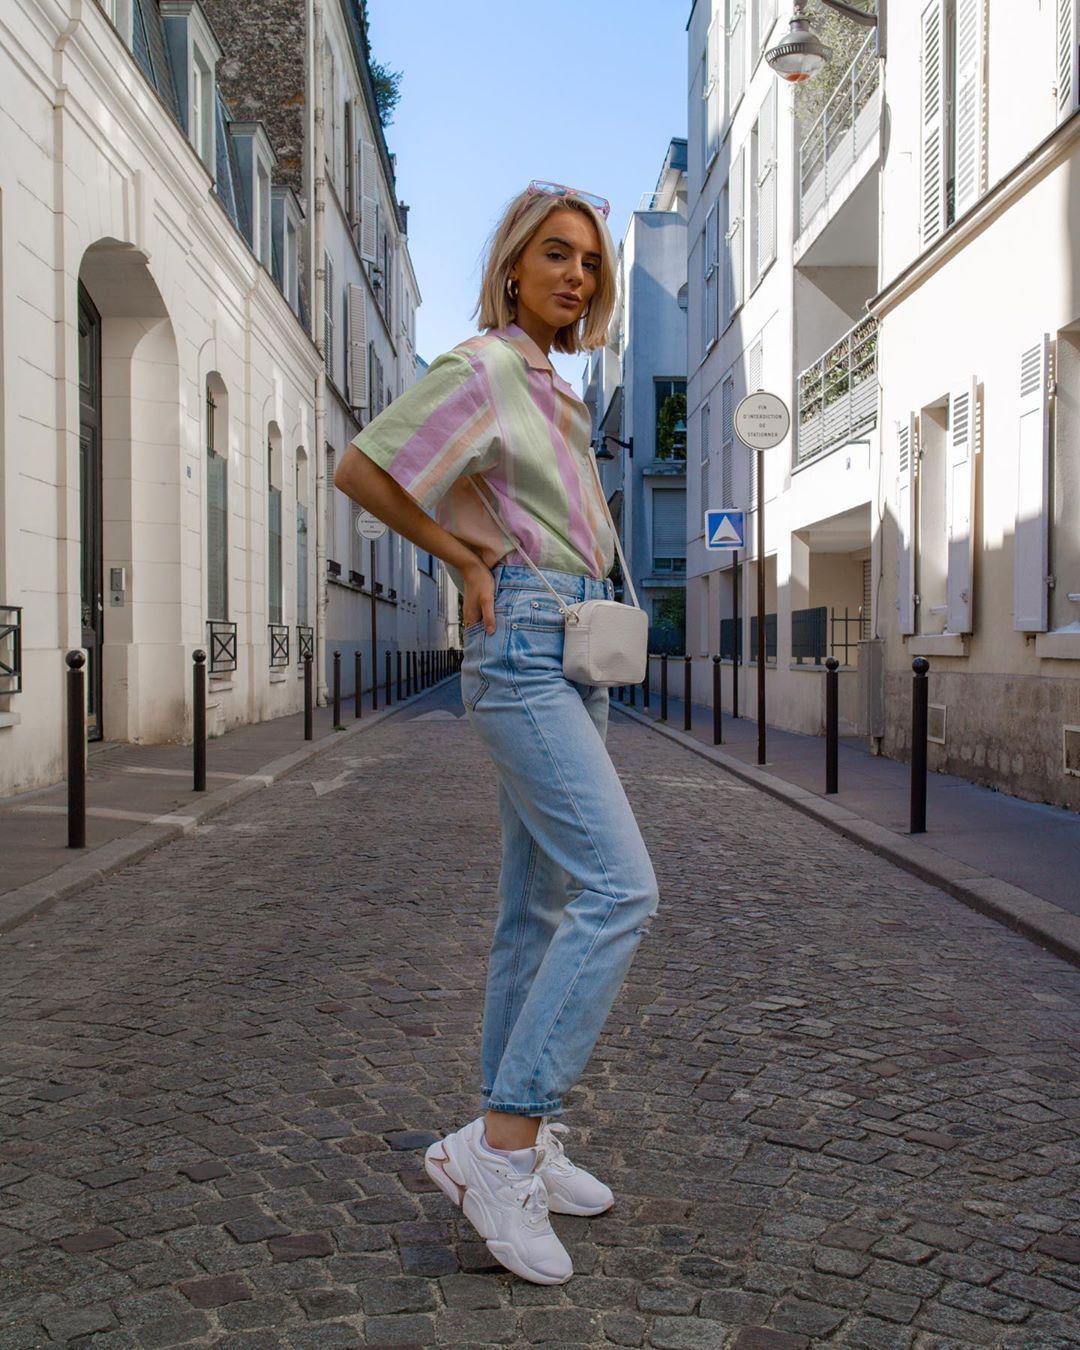 Jeans, $178 at shopbop.com – Wheretoget